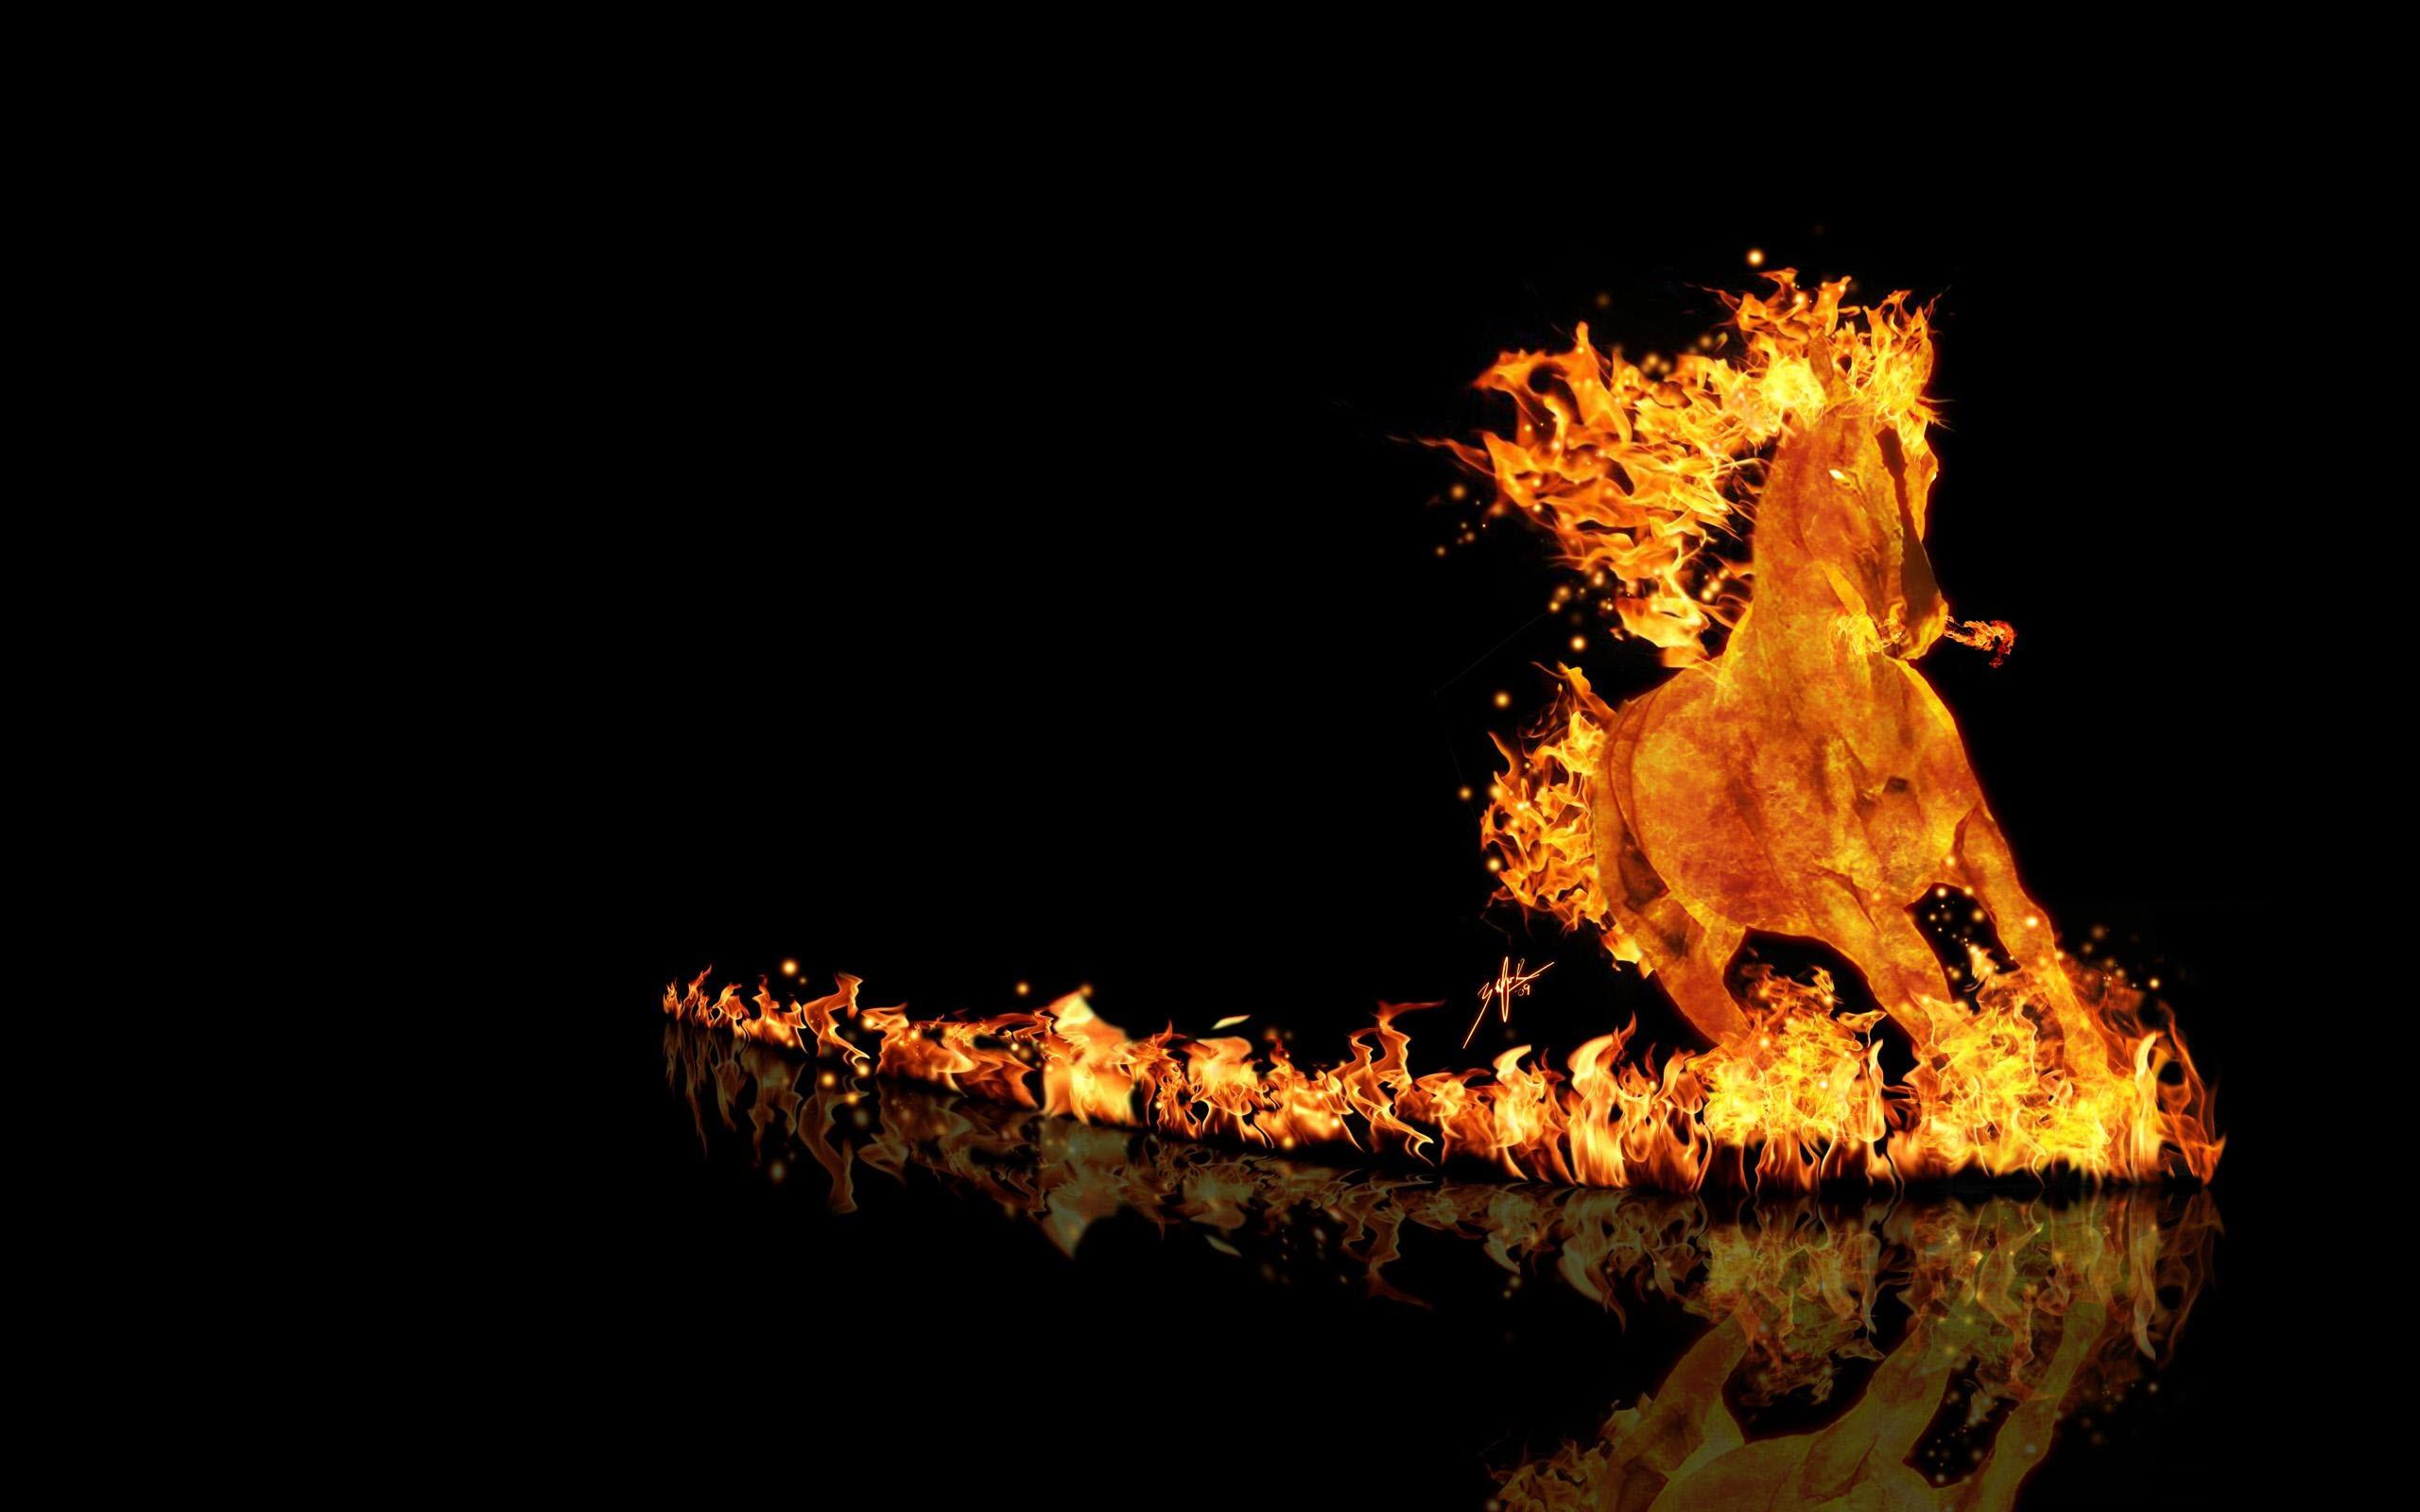 Hình ảnh ngọn lửa độc đáo